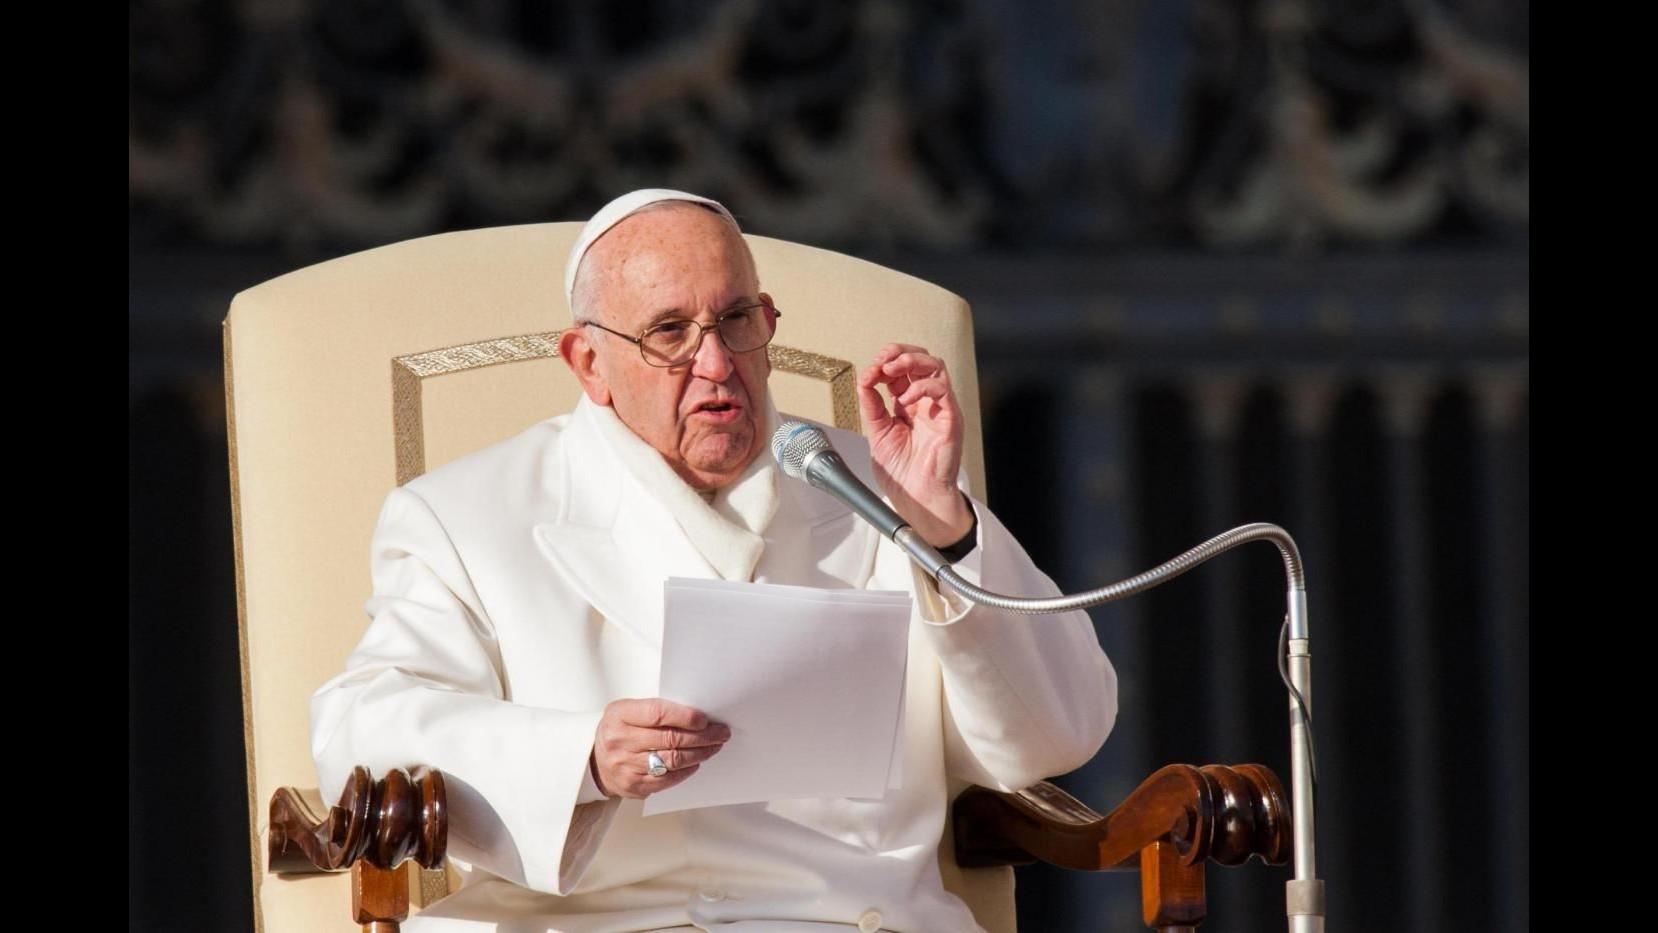 Papa: Proposito per 2016? Pregare di più Da bambino sognavo di fare il macellaio